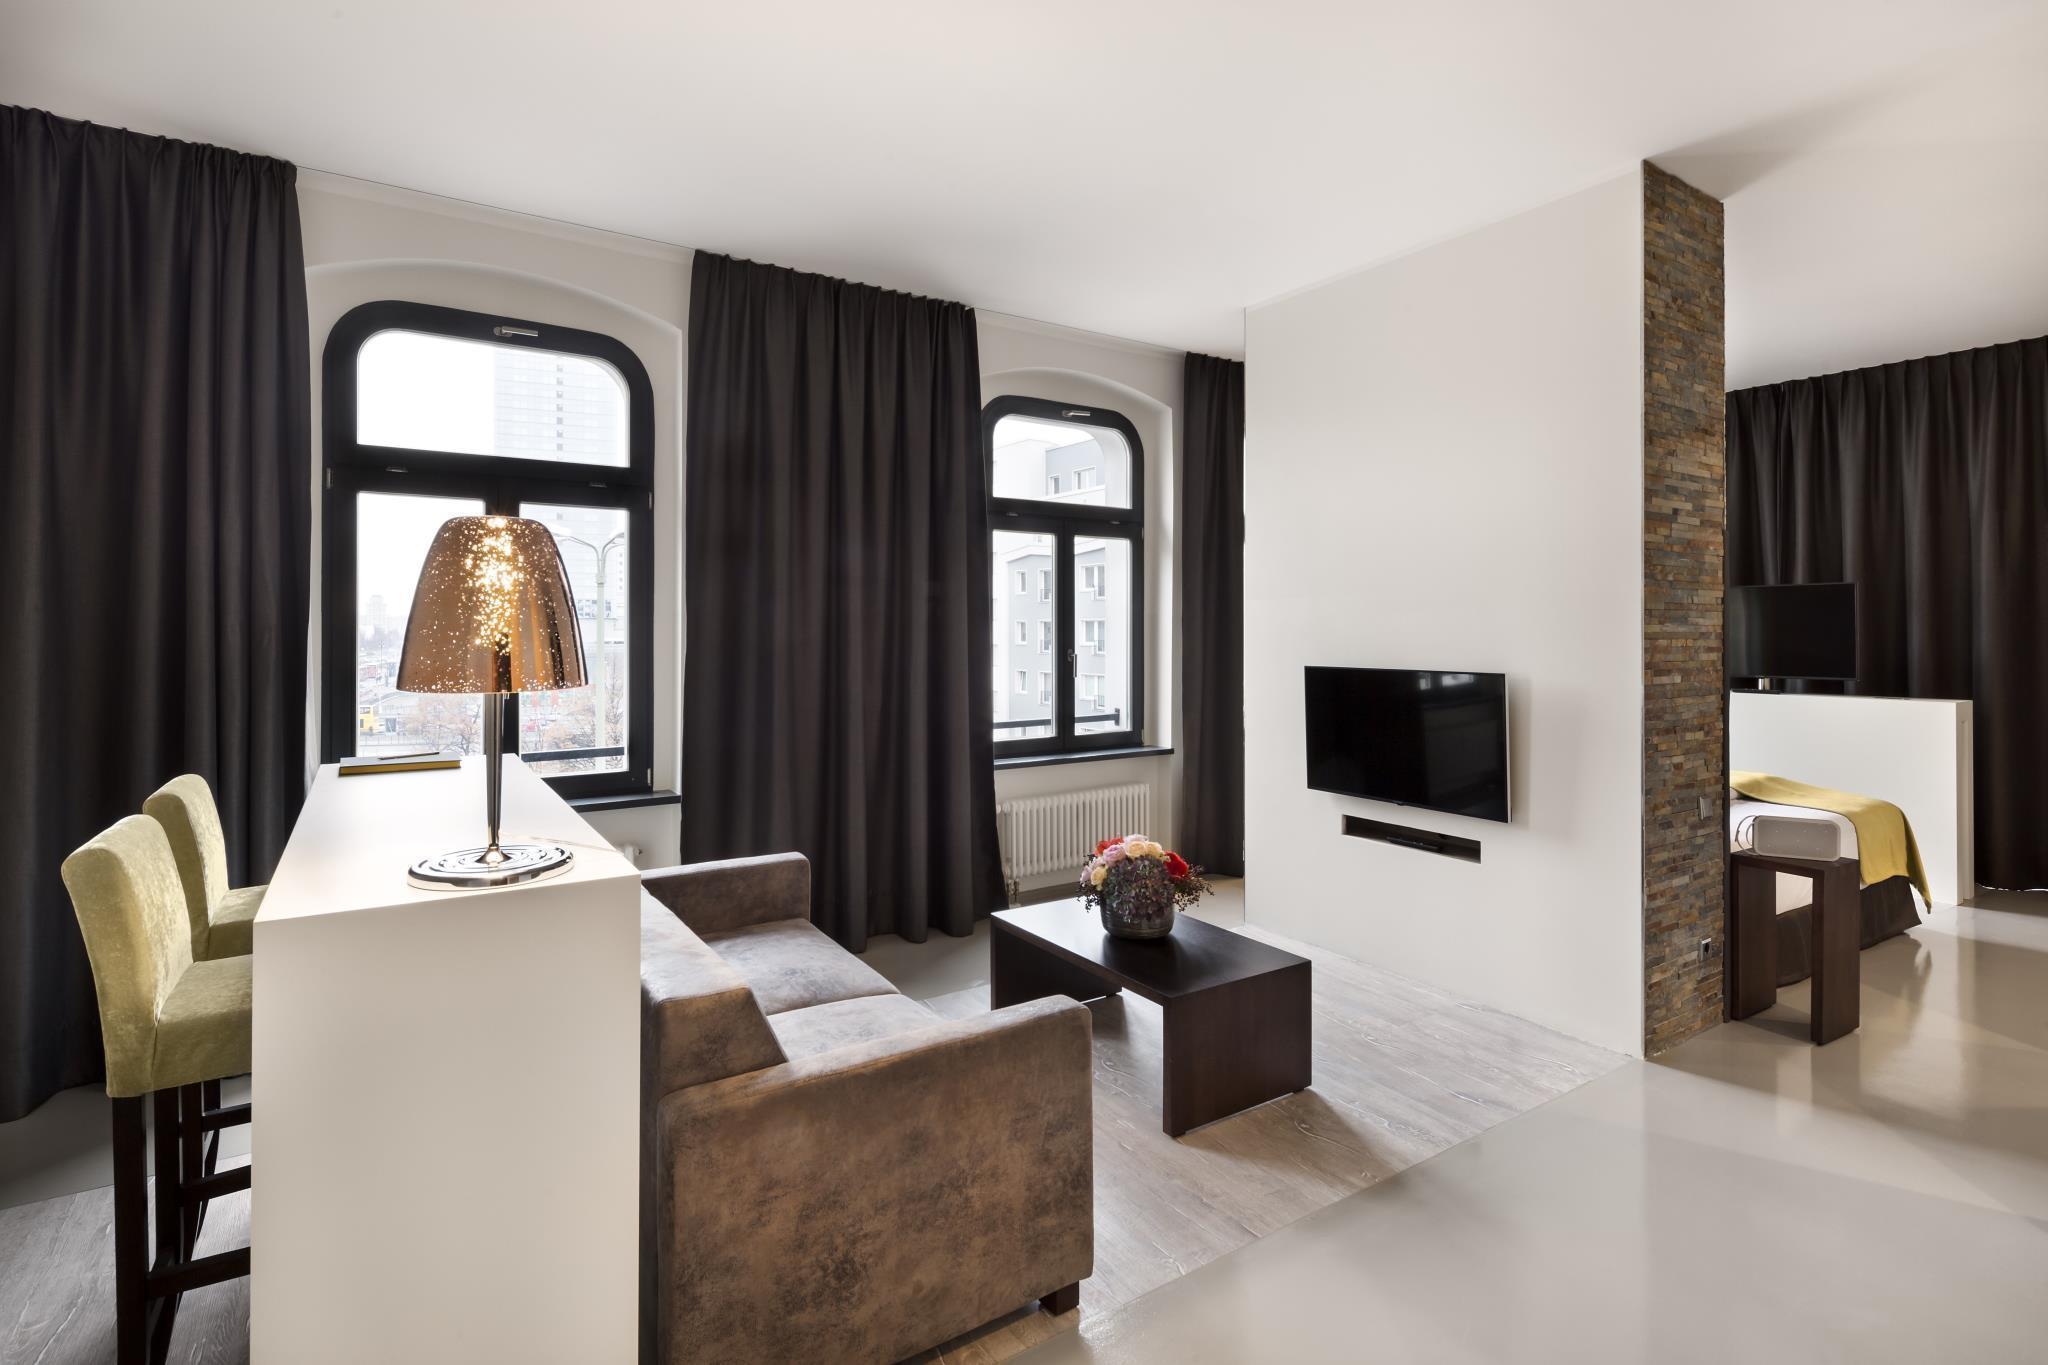 das lux 11 berlin mitte in berlin buchen. Black Bedroom Furniture Sets. Home Design Ideas